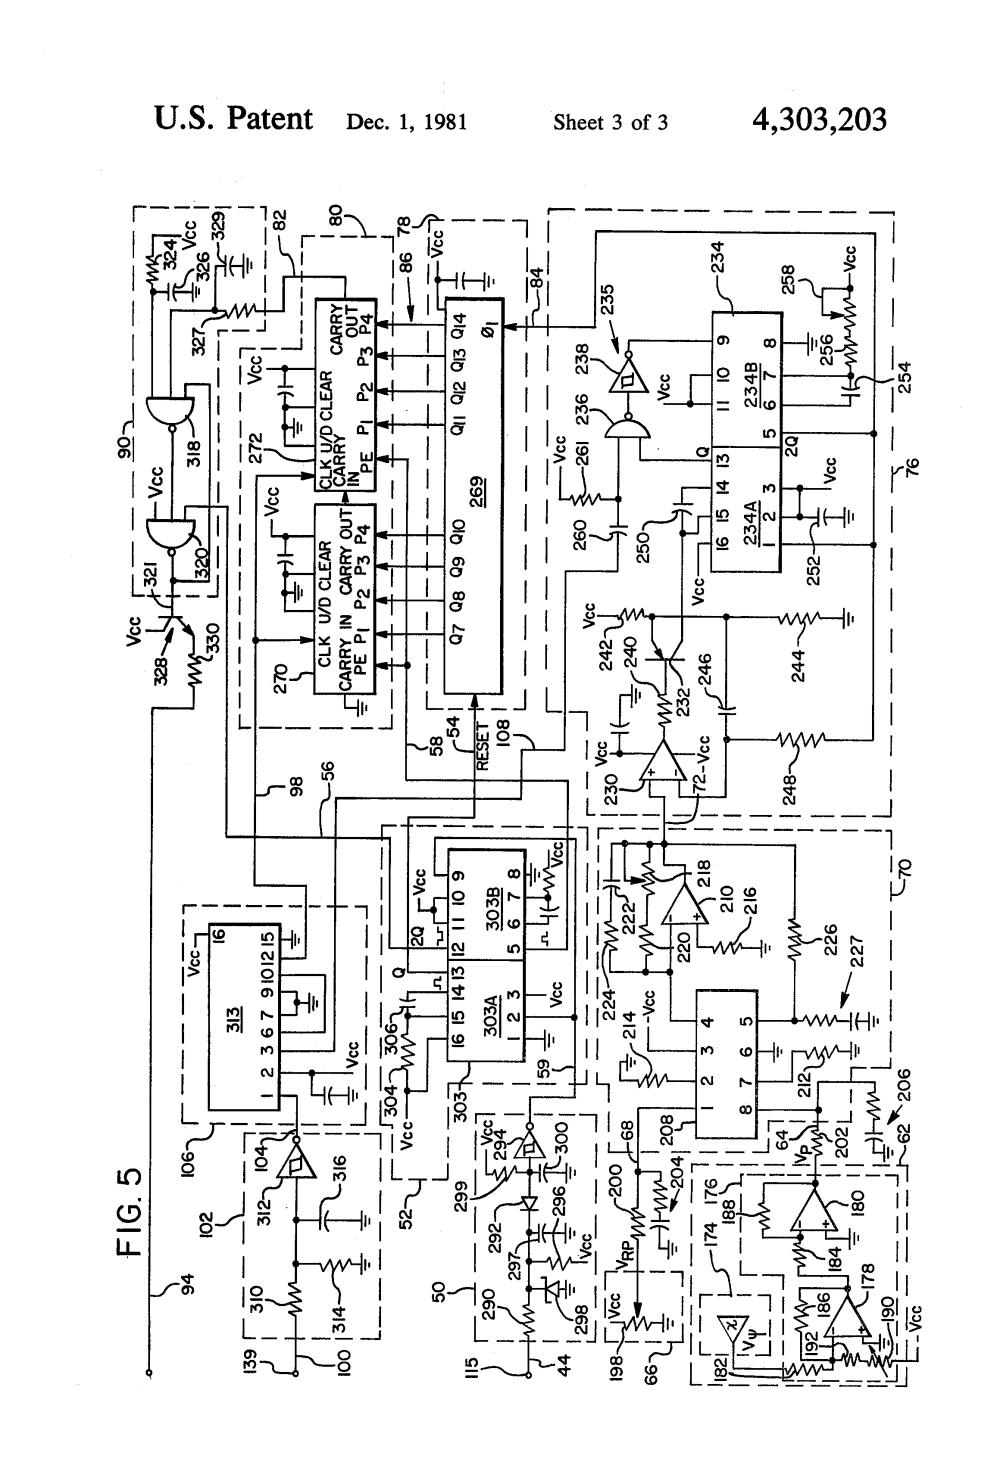 medium resolution of center pivot irrigation wiring diagrams wiring diagrams trigg center pivot irrigation wiring diagrams